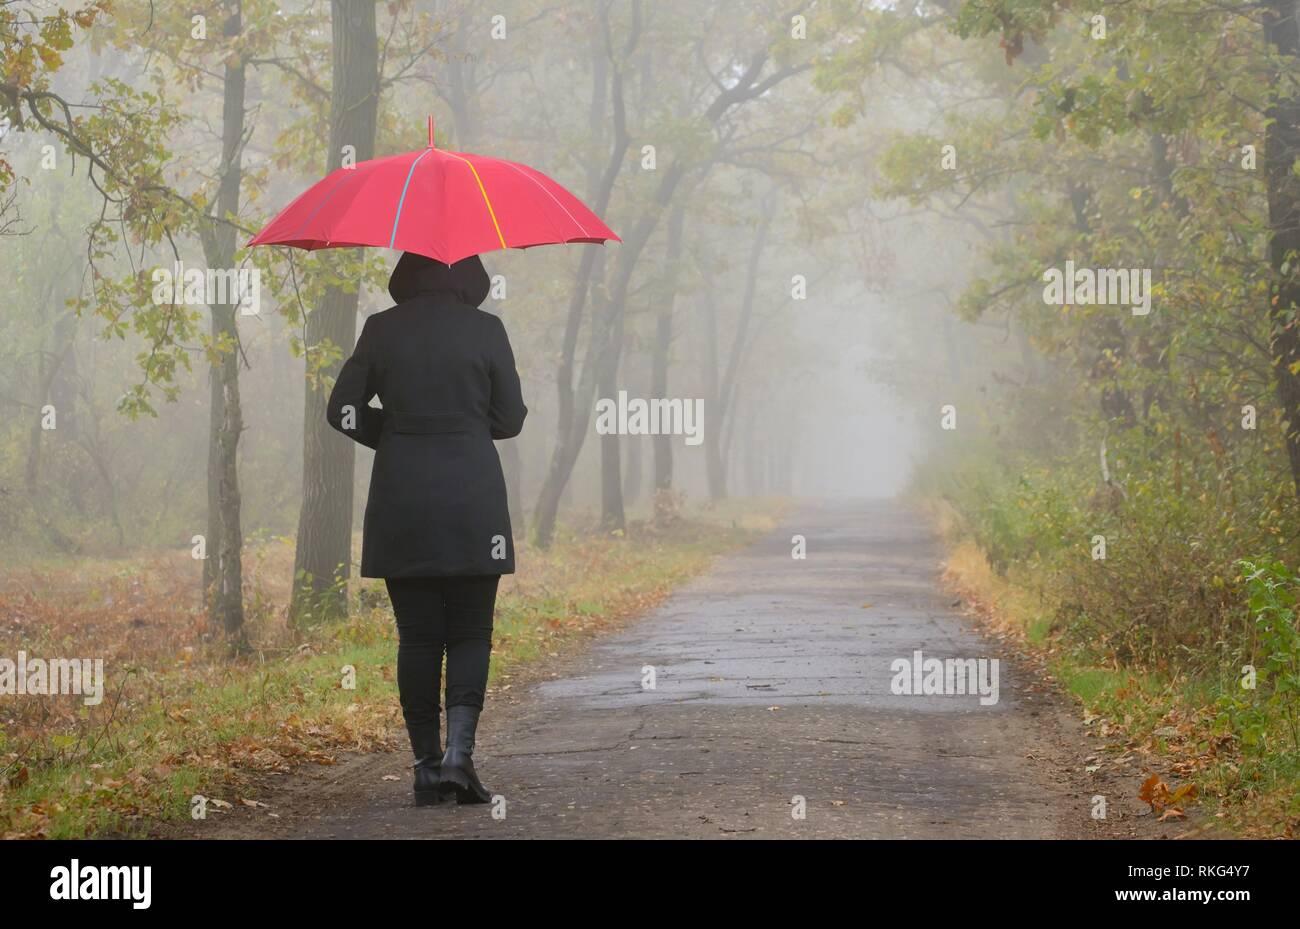 Pisado mujer con sombrilla roja y bosque neblinoso. Imagen De Stock